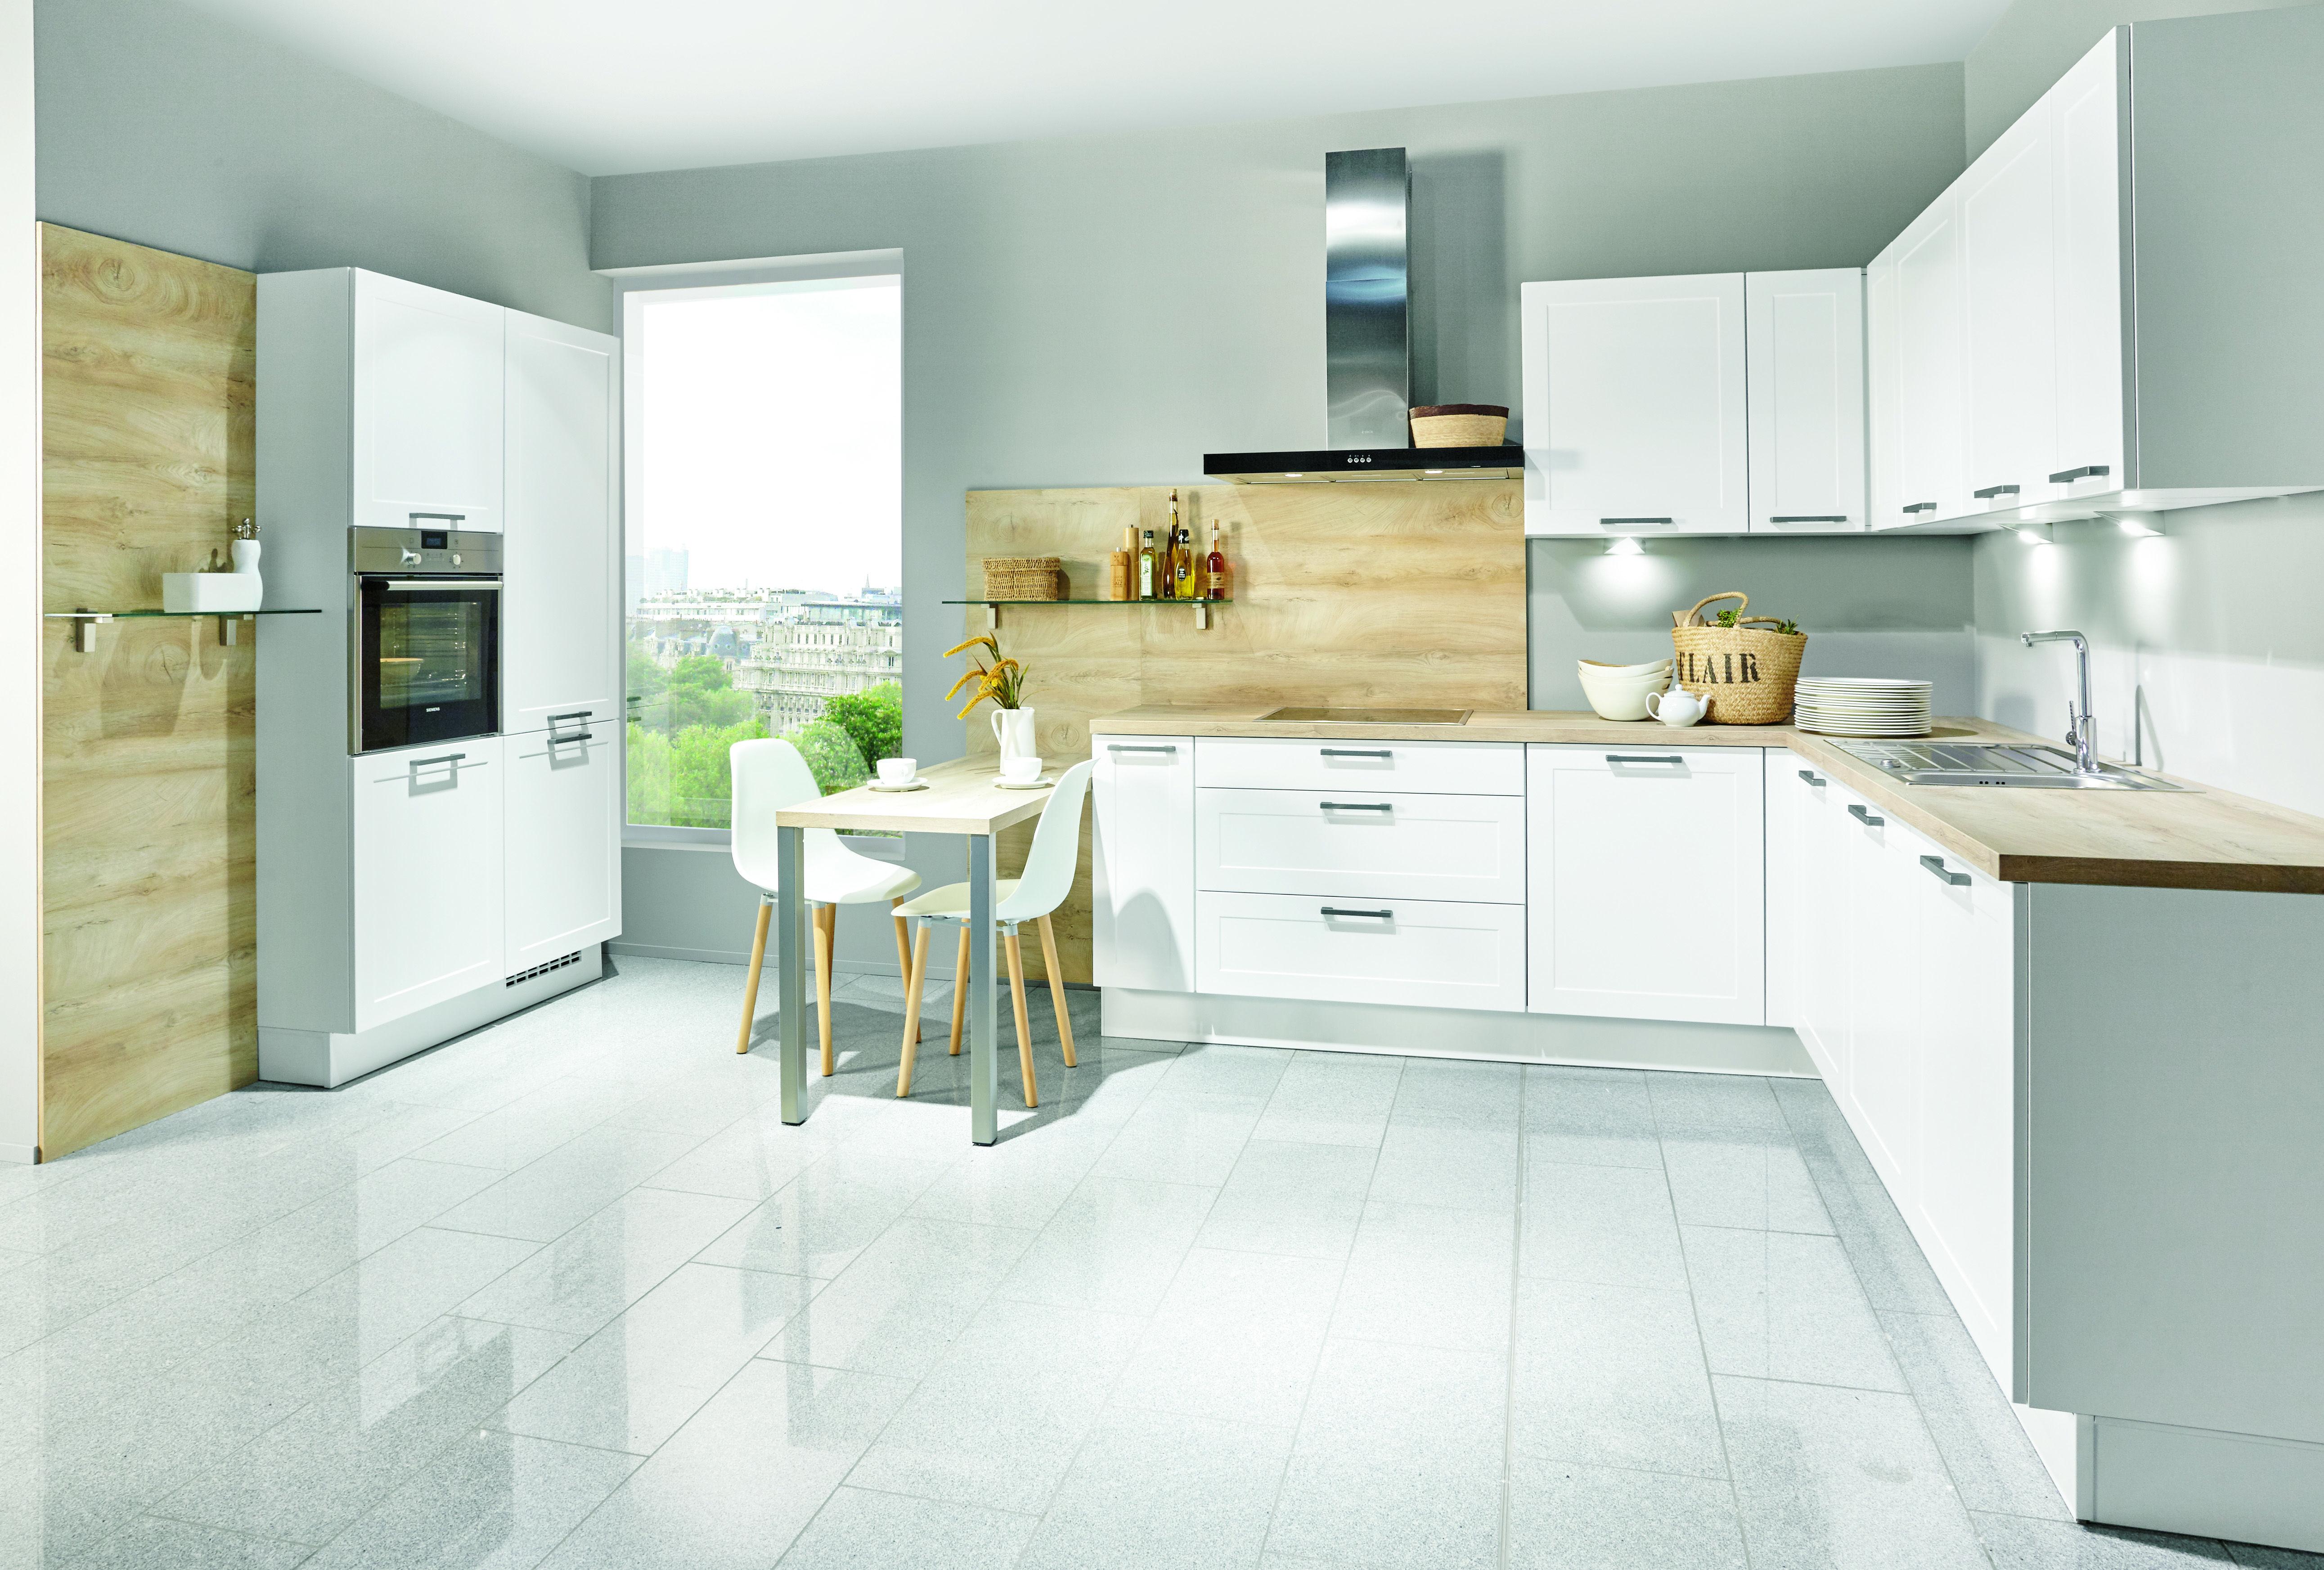 epingle par kuchen spezialist sur nos cuisines modernes et spacieuses cuisine moderne amenagement interieur cuisine de qualite